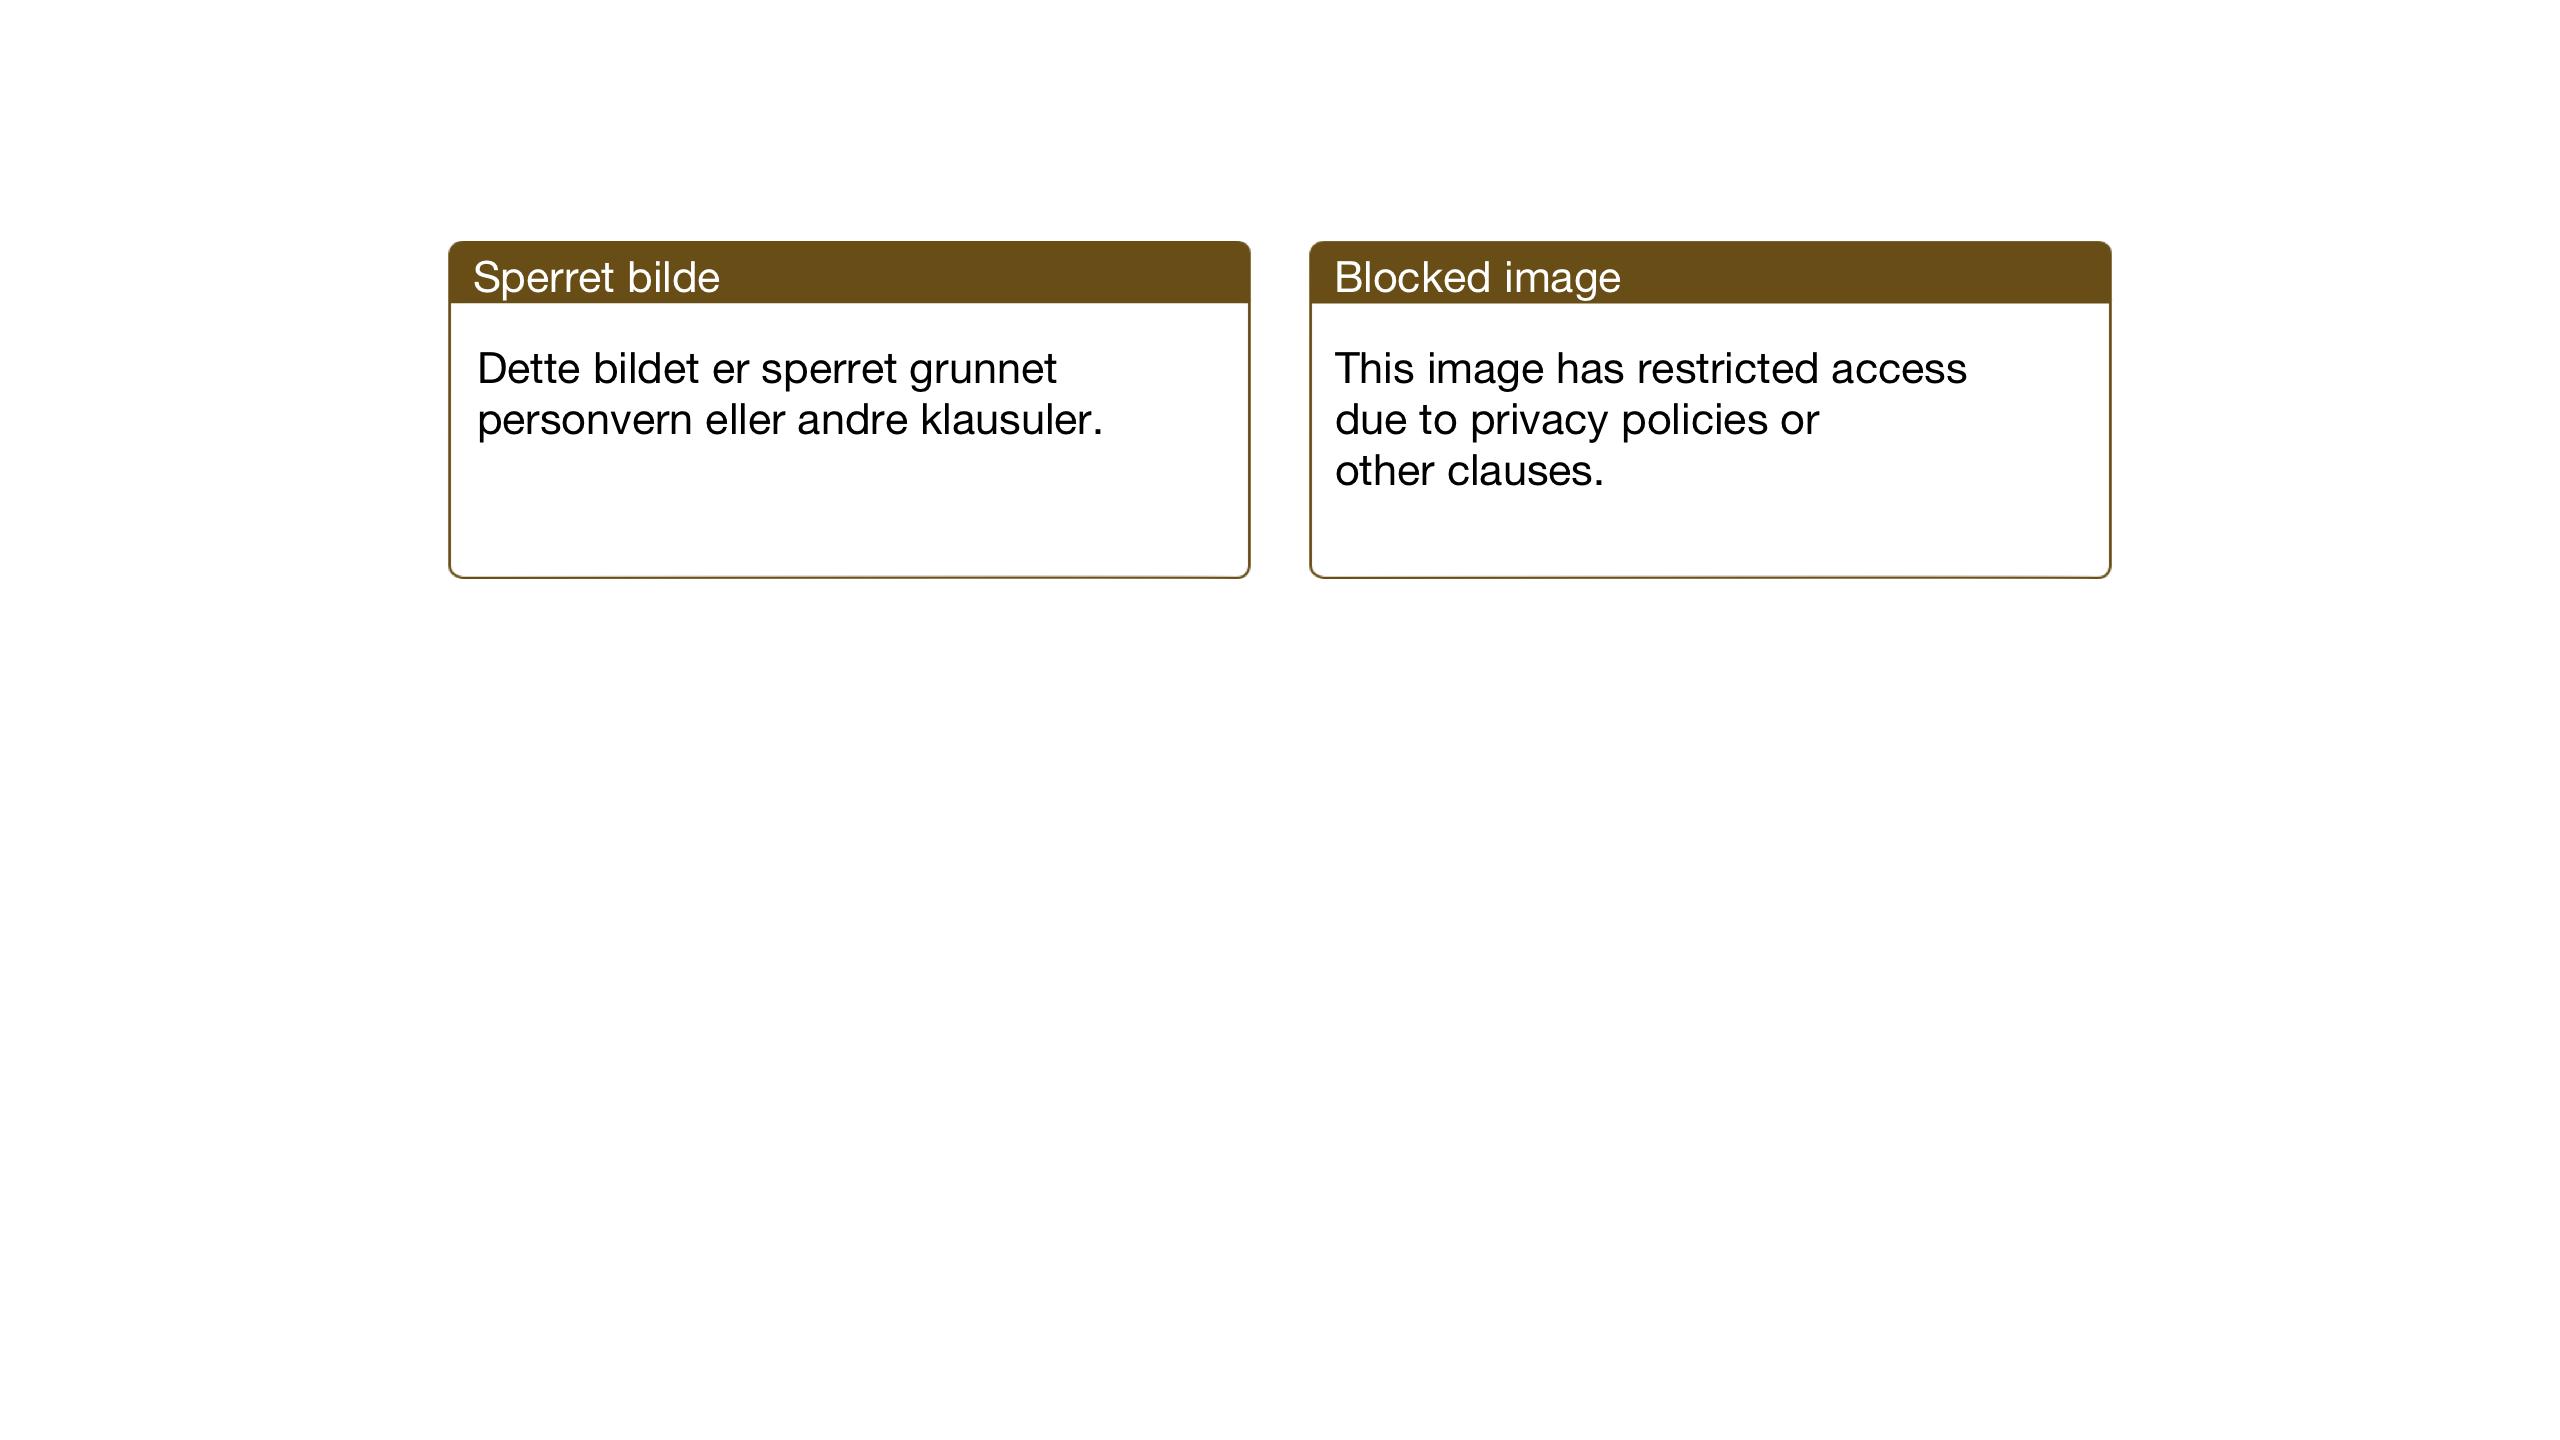 SAT, Ministerialprotokoller, klokkerbøker og fødselsregistre - Sør-Trøndelag, 655/L0690: Klokkerbok nr. 655C06, 1937-1950, s. 31